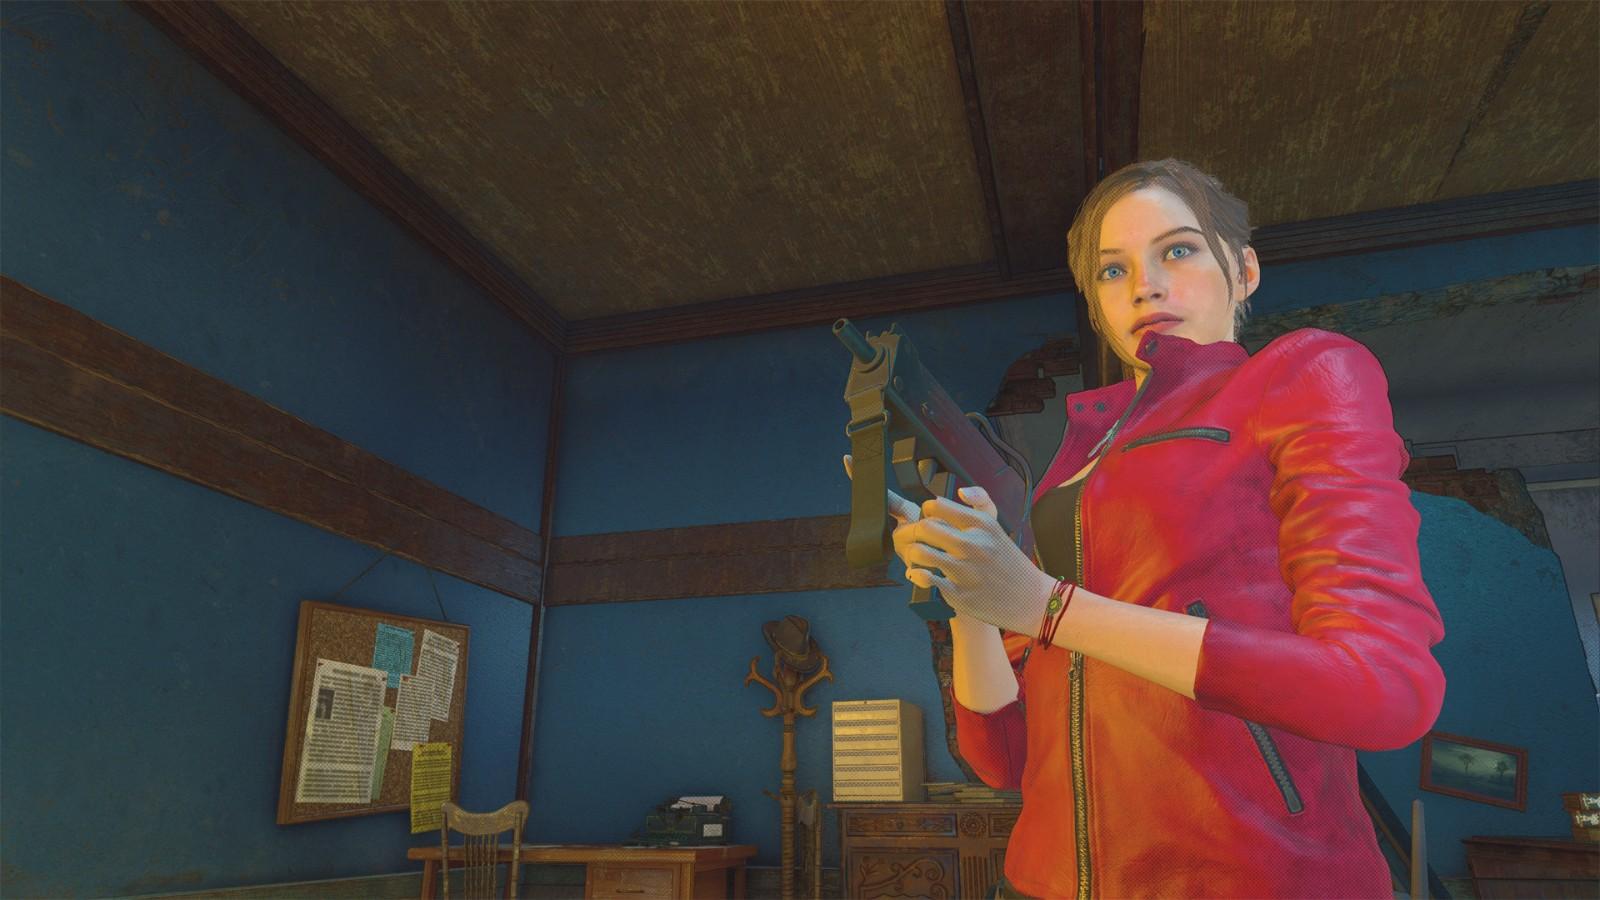 《生化危机Re:Verse》测试版上线Steam 4月8日公测